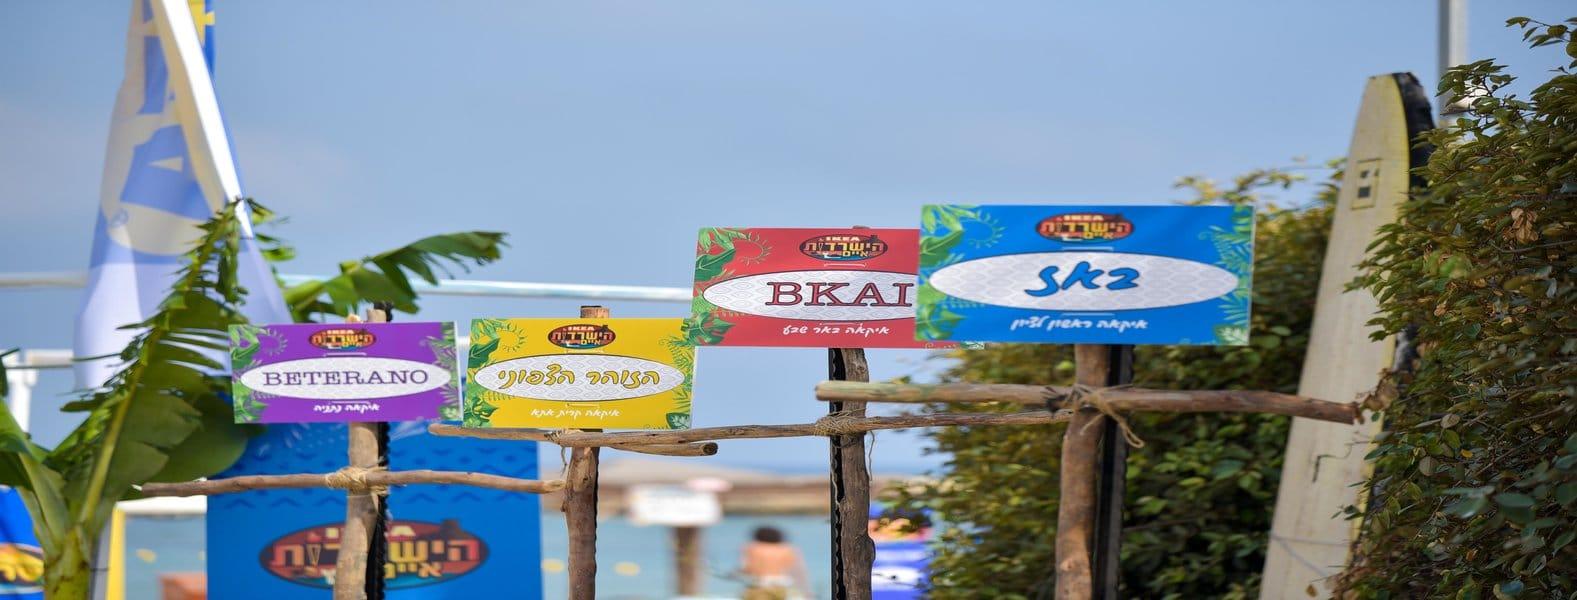 תמונת השער ליום גיבוש לחברות - יום גיבוש וכיף בחוף הים בסגנון הישרדות